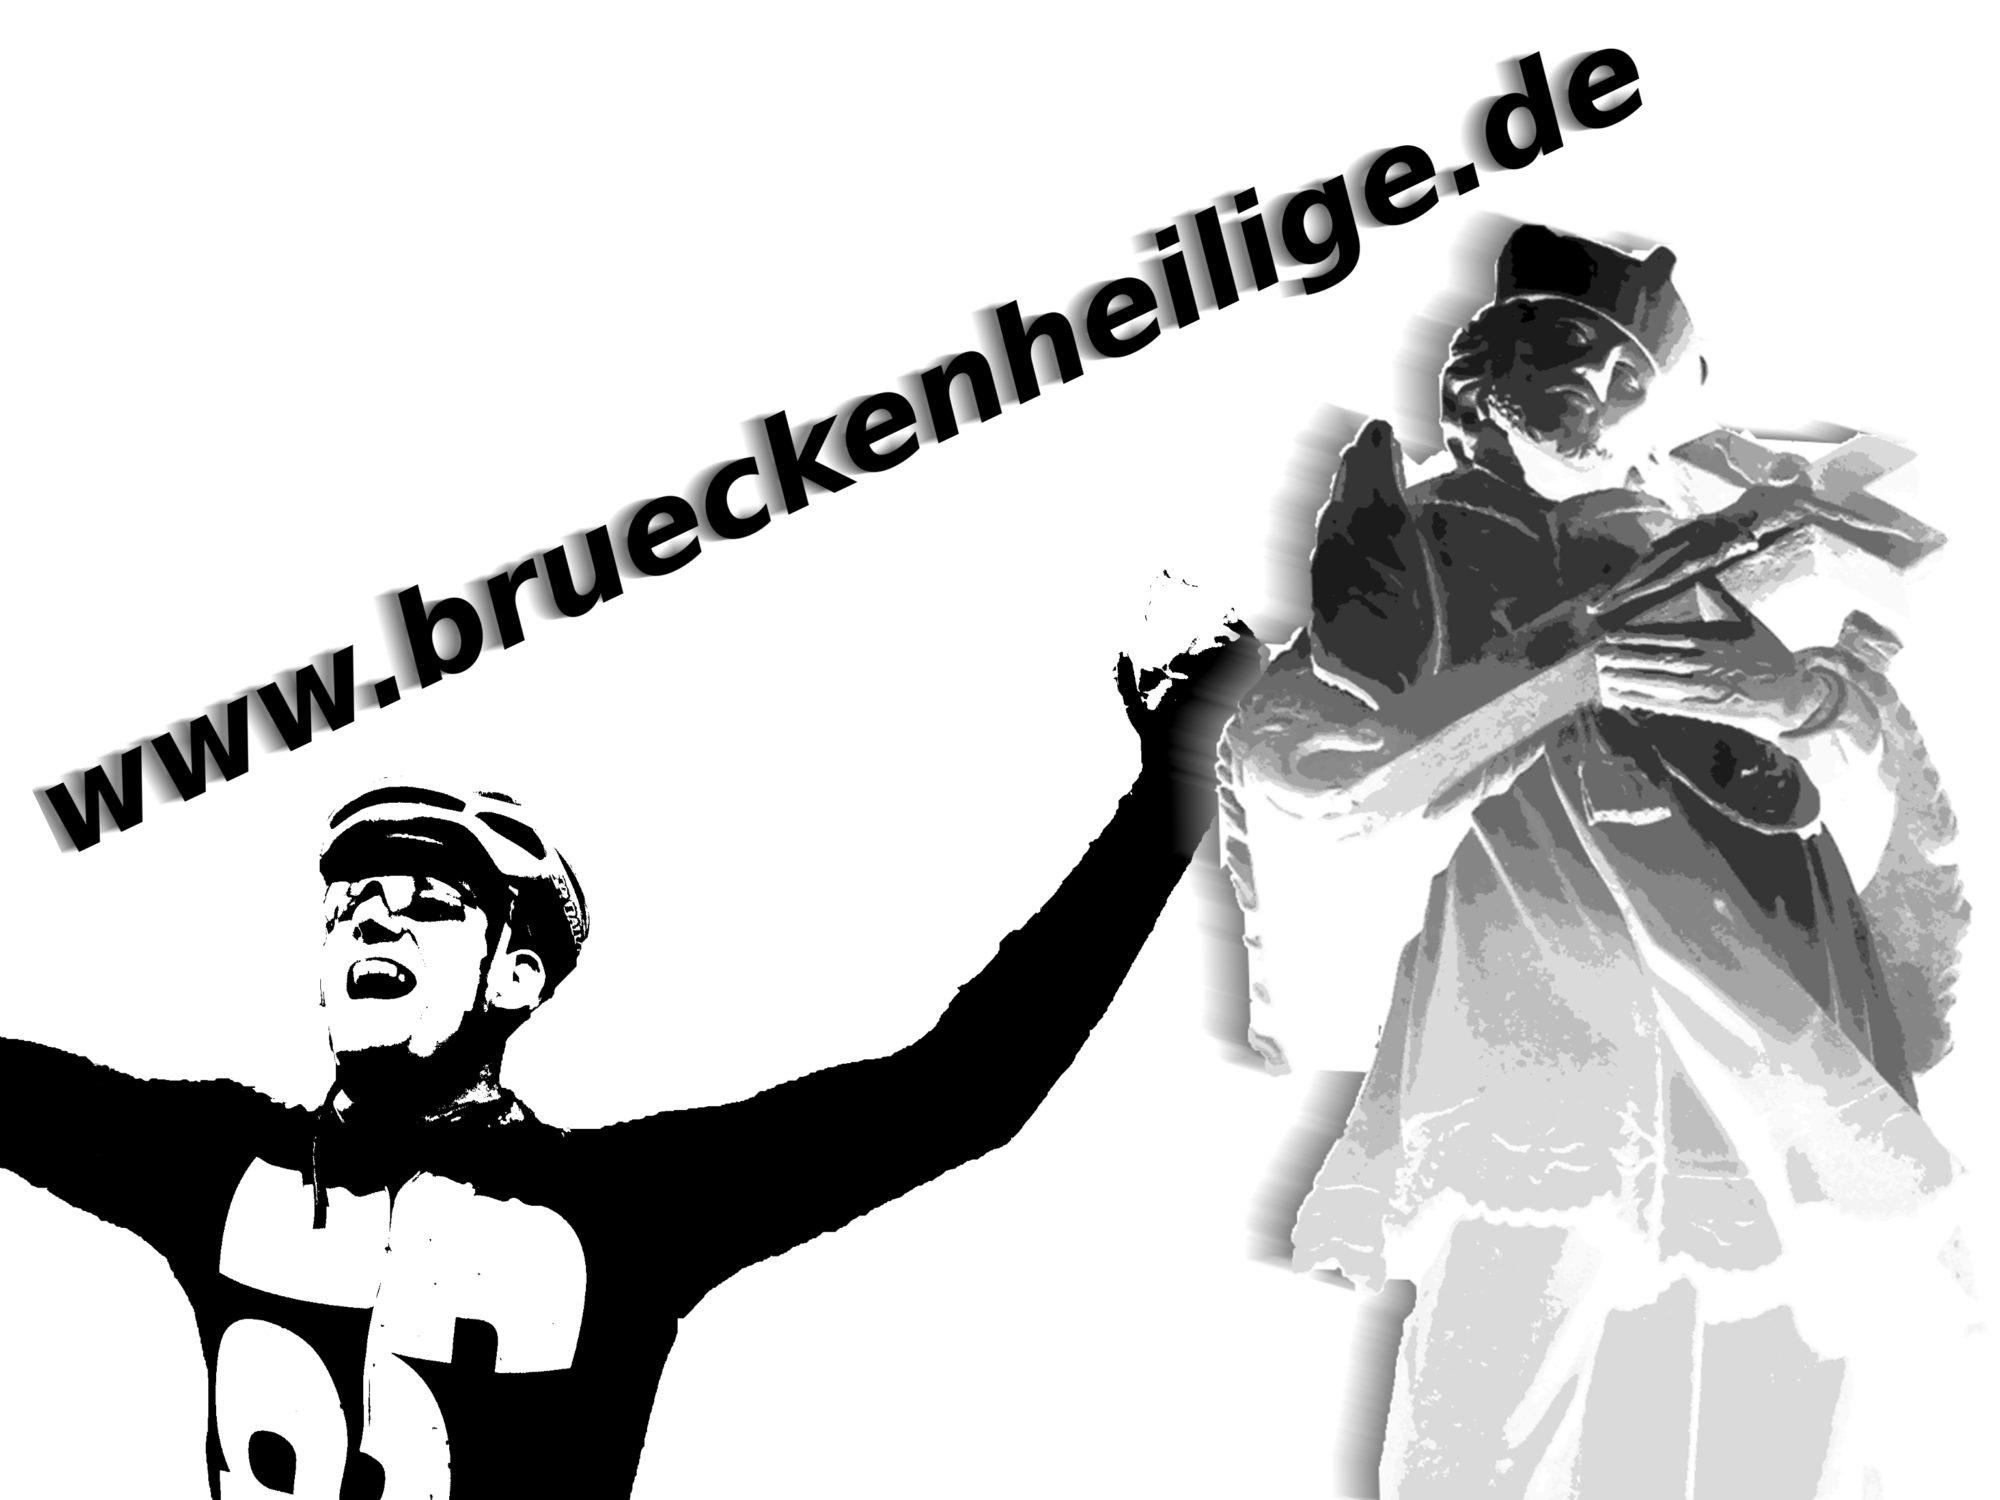 www.brueckenheilige.de